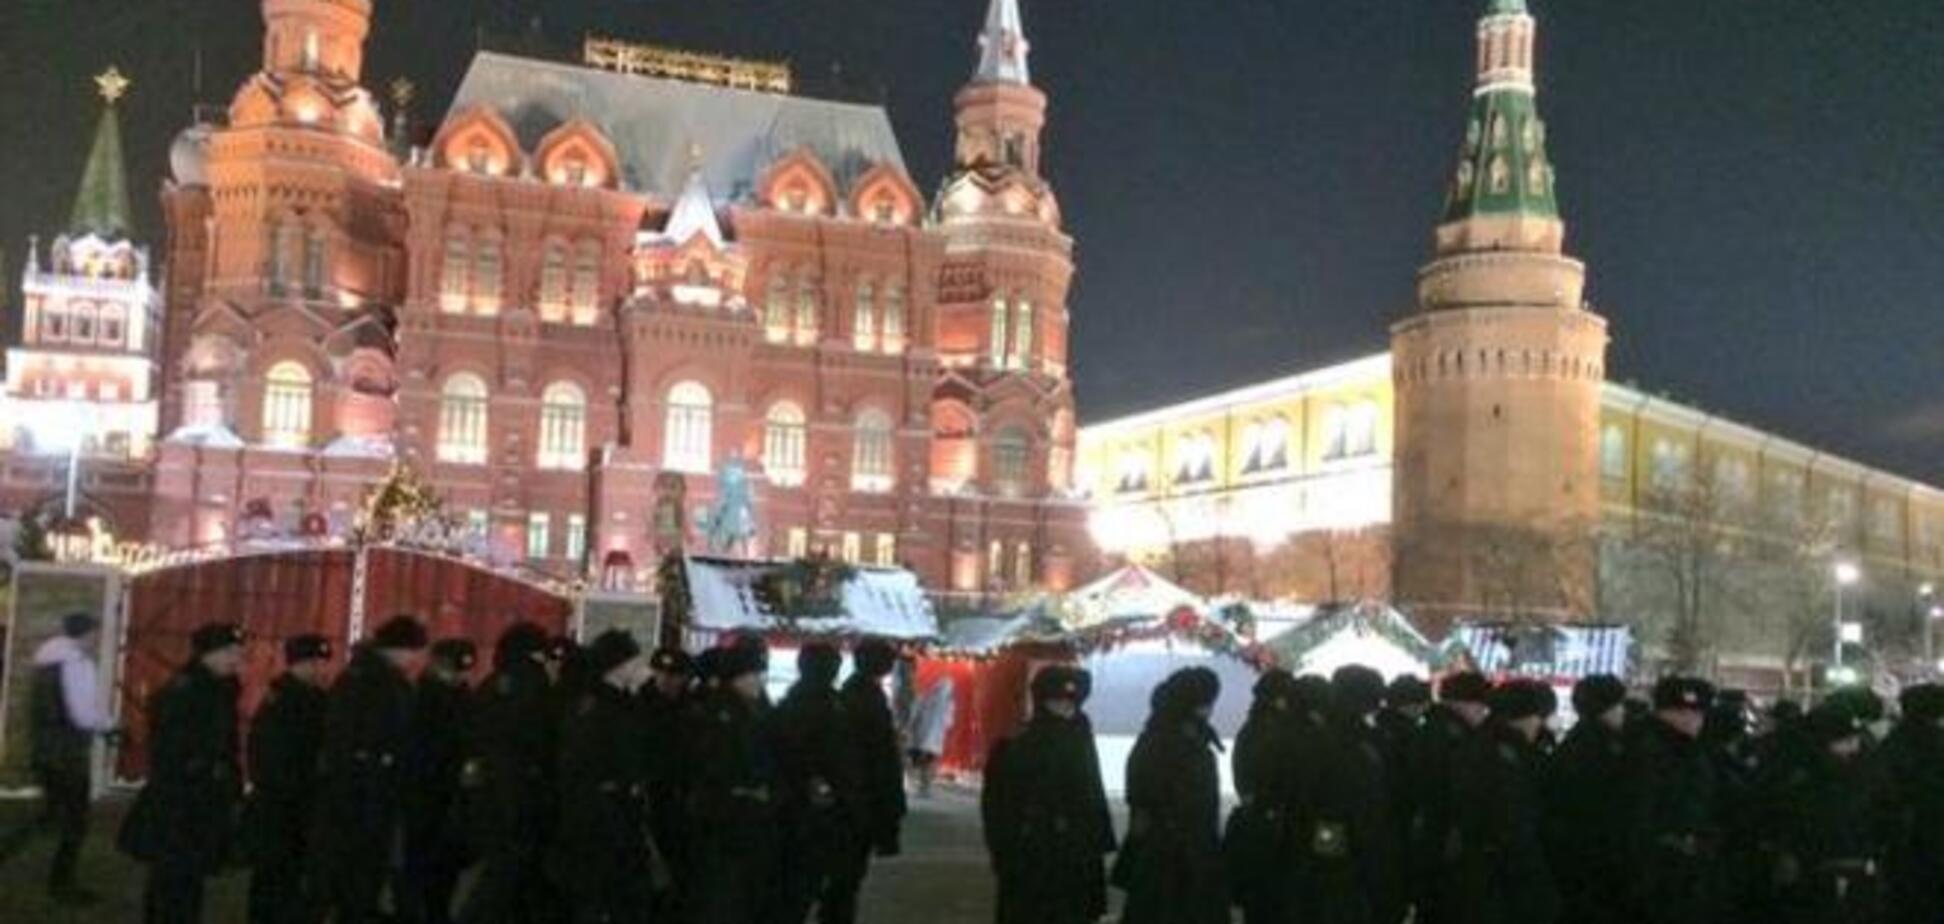 Майдан не получился. Протест на Манежной площади закончился задержаниями: хронология событий